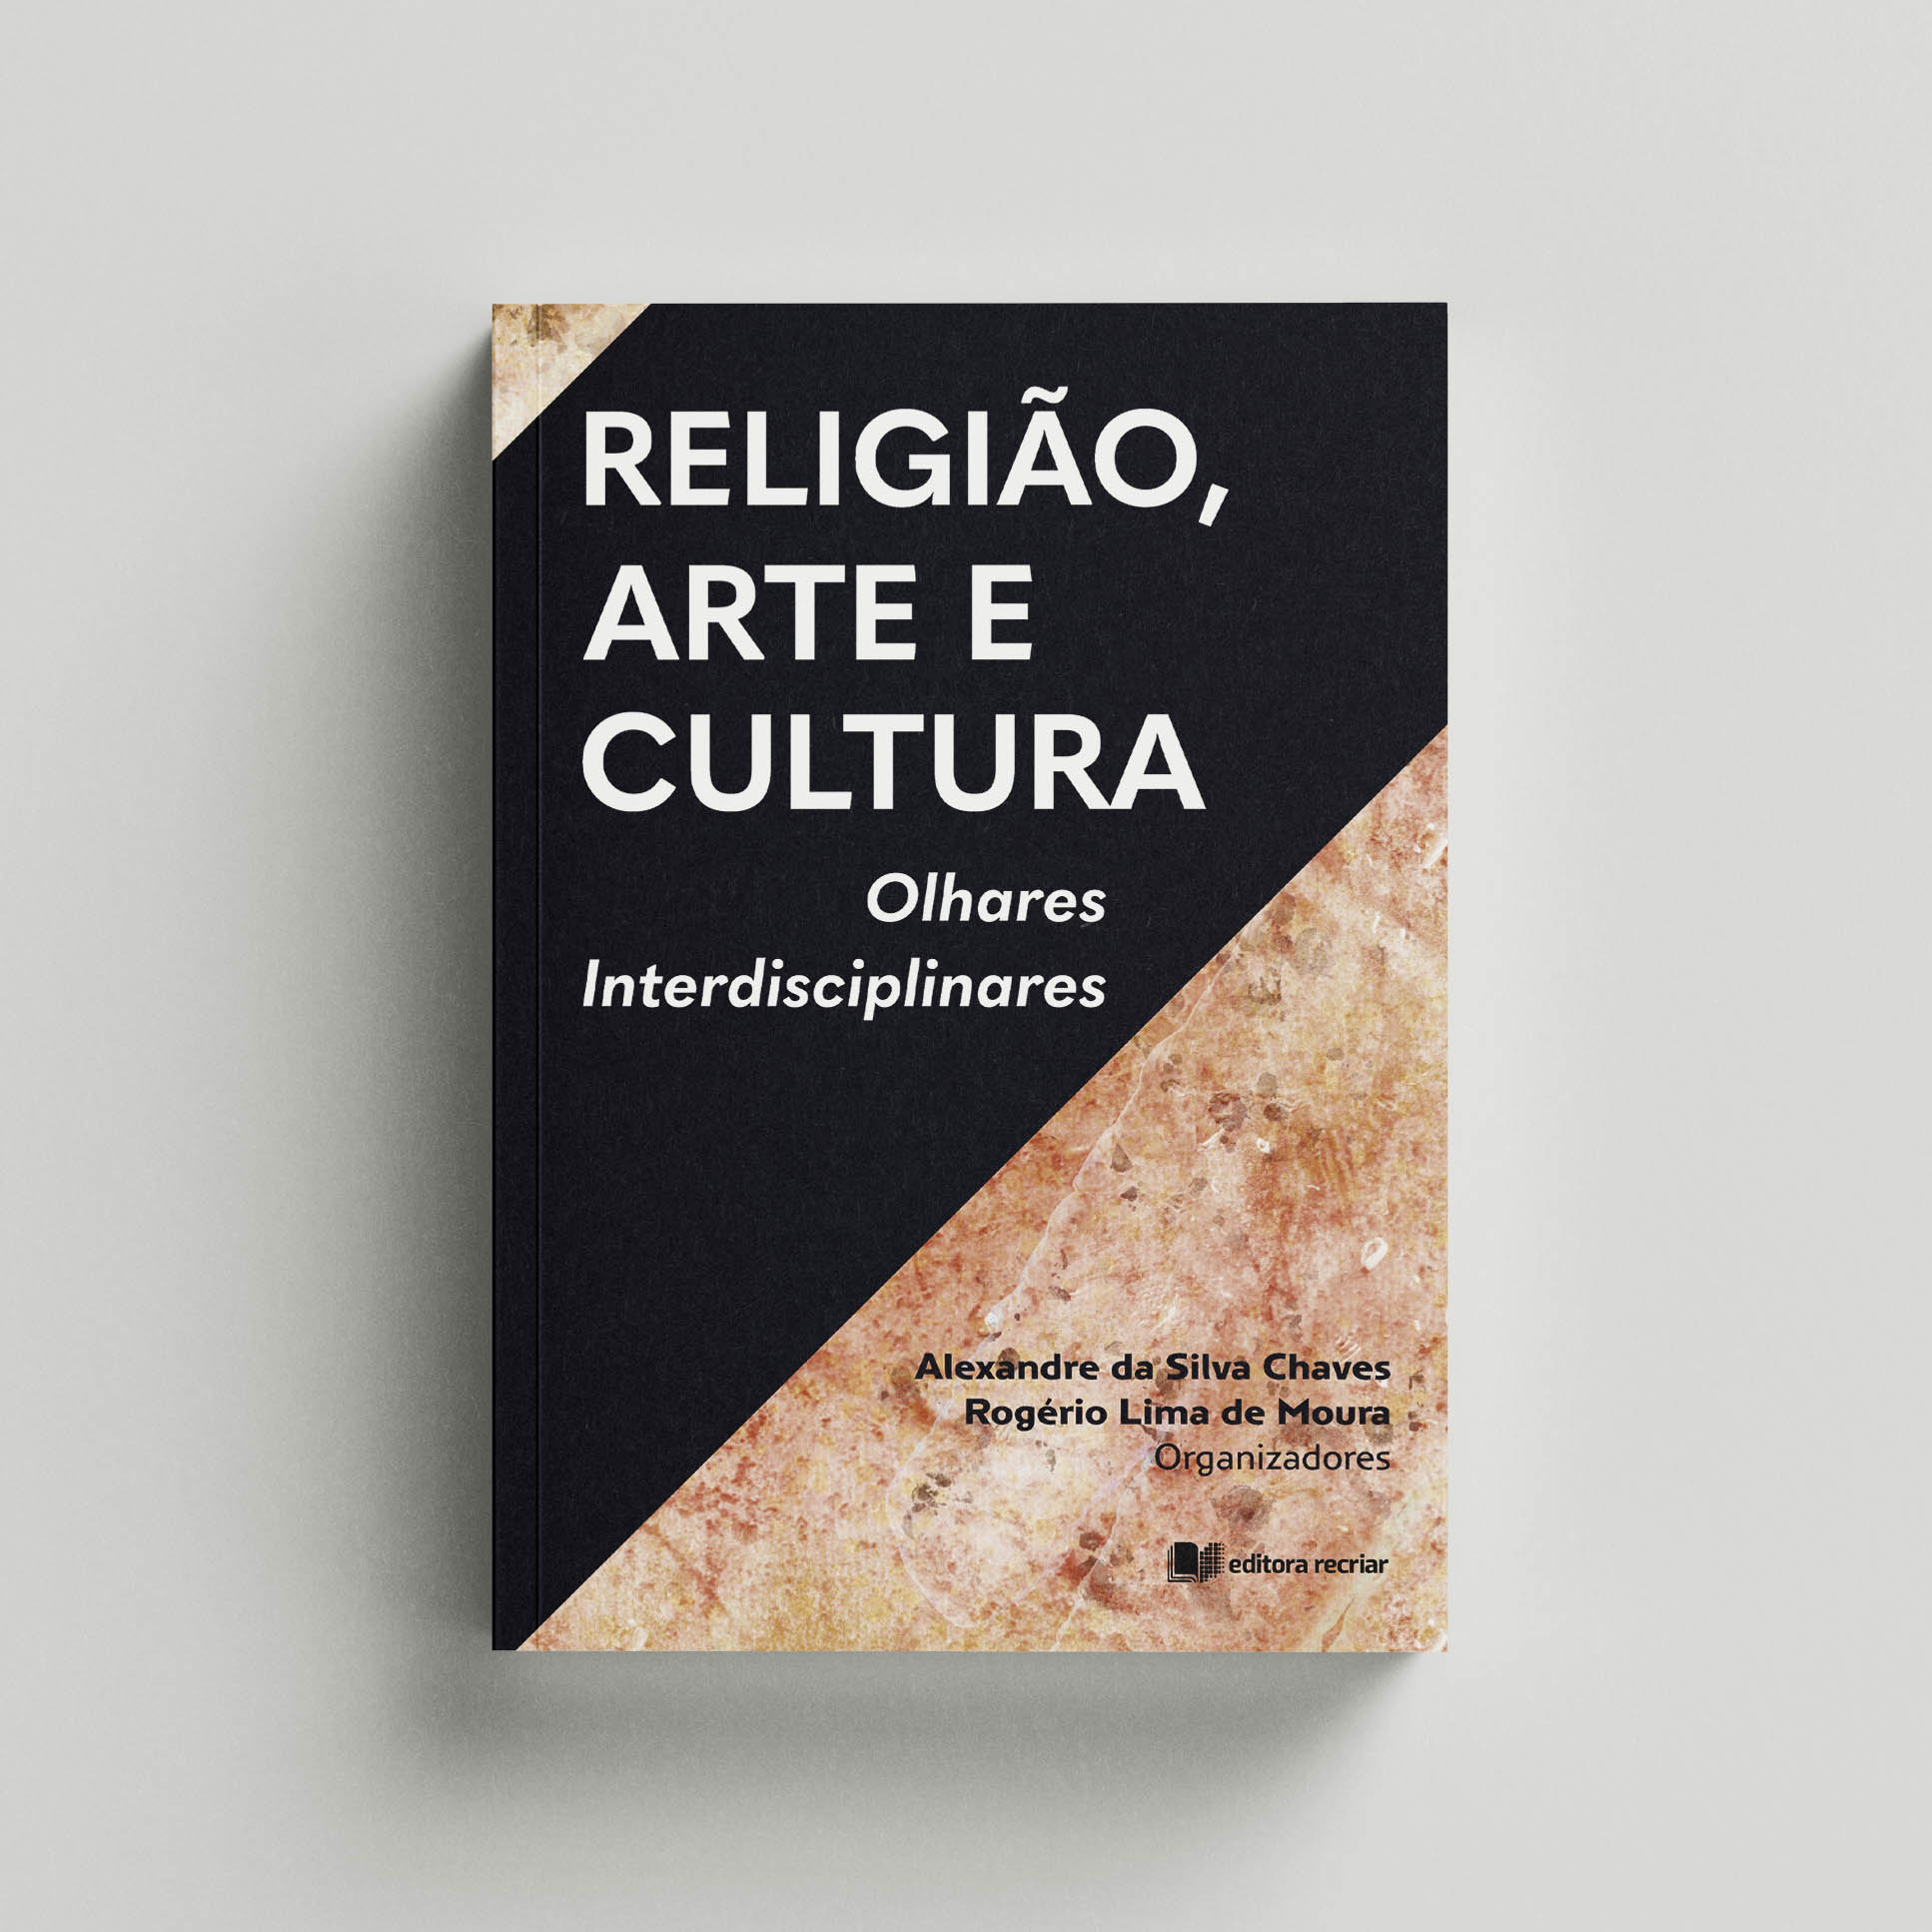 Religião, arte e cultura: Olhares Interdisciplinares - Alexandre da Silva Chaves e Rogério Lima de Moura (orgs.)